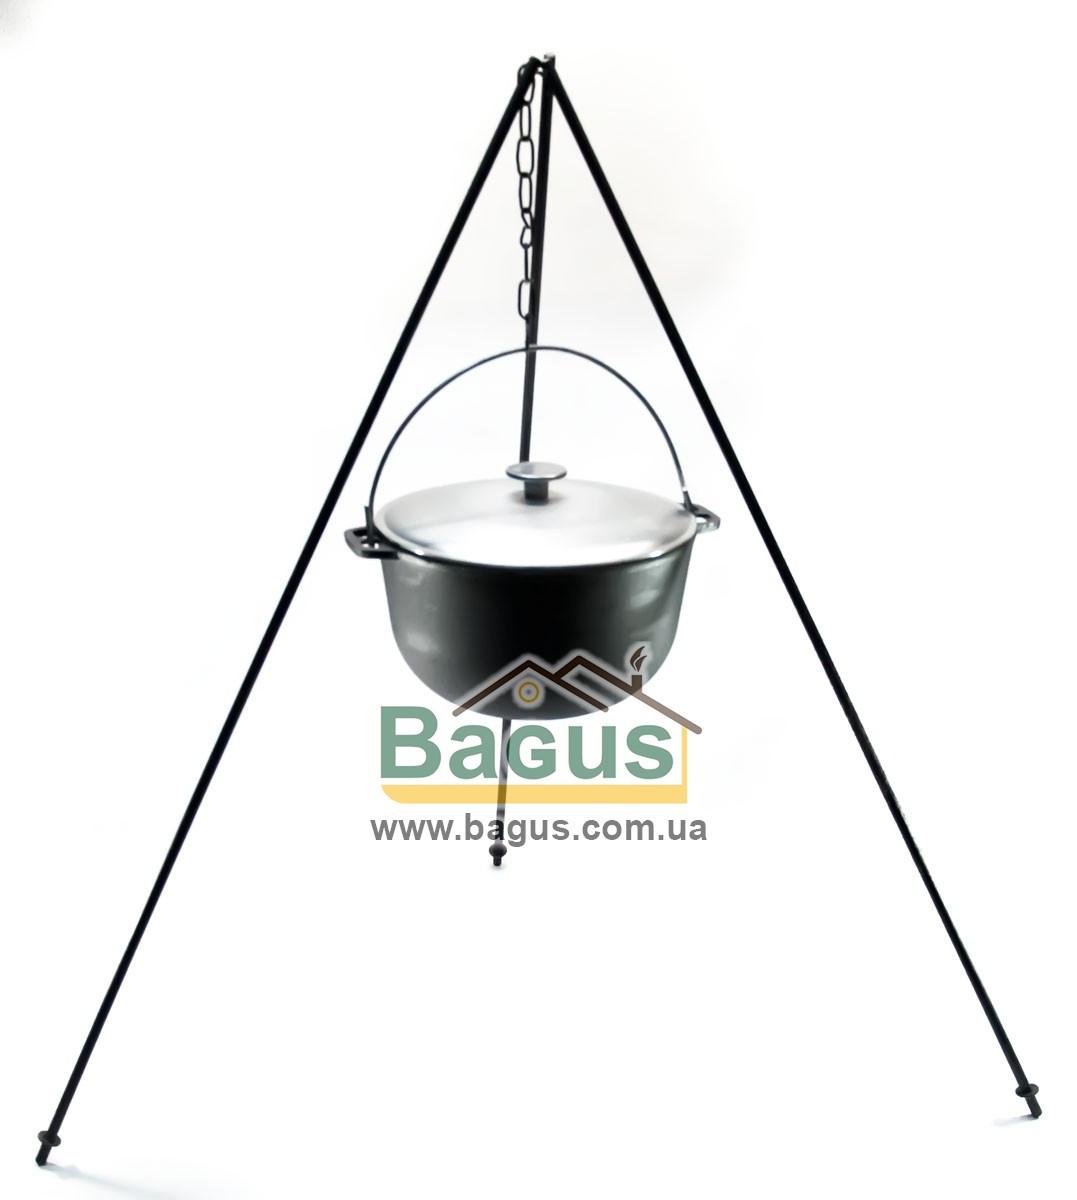 Казан чавунний туристичний 6л 26см з алюмінієвою кришкою, дужкою й триногою, посуд чавунна Біол (0706АК-3)